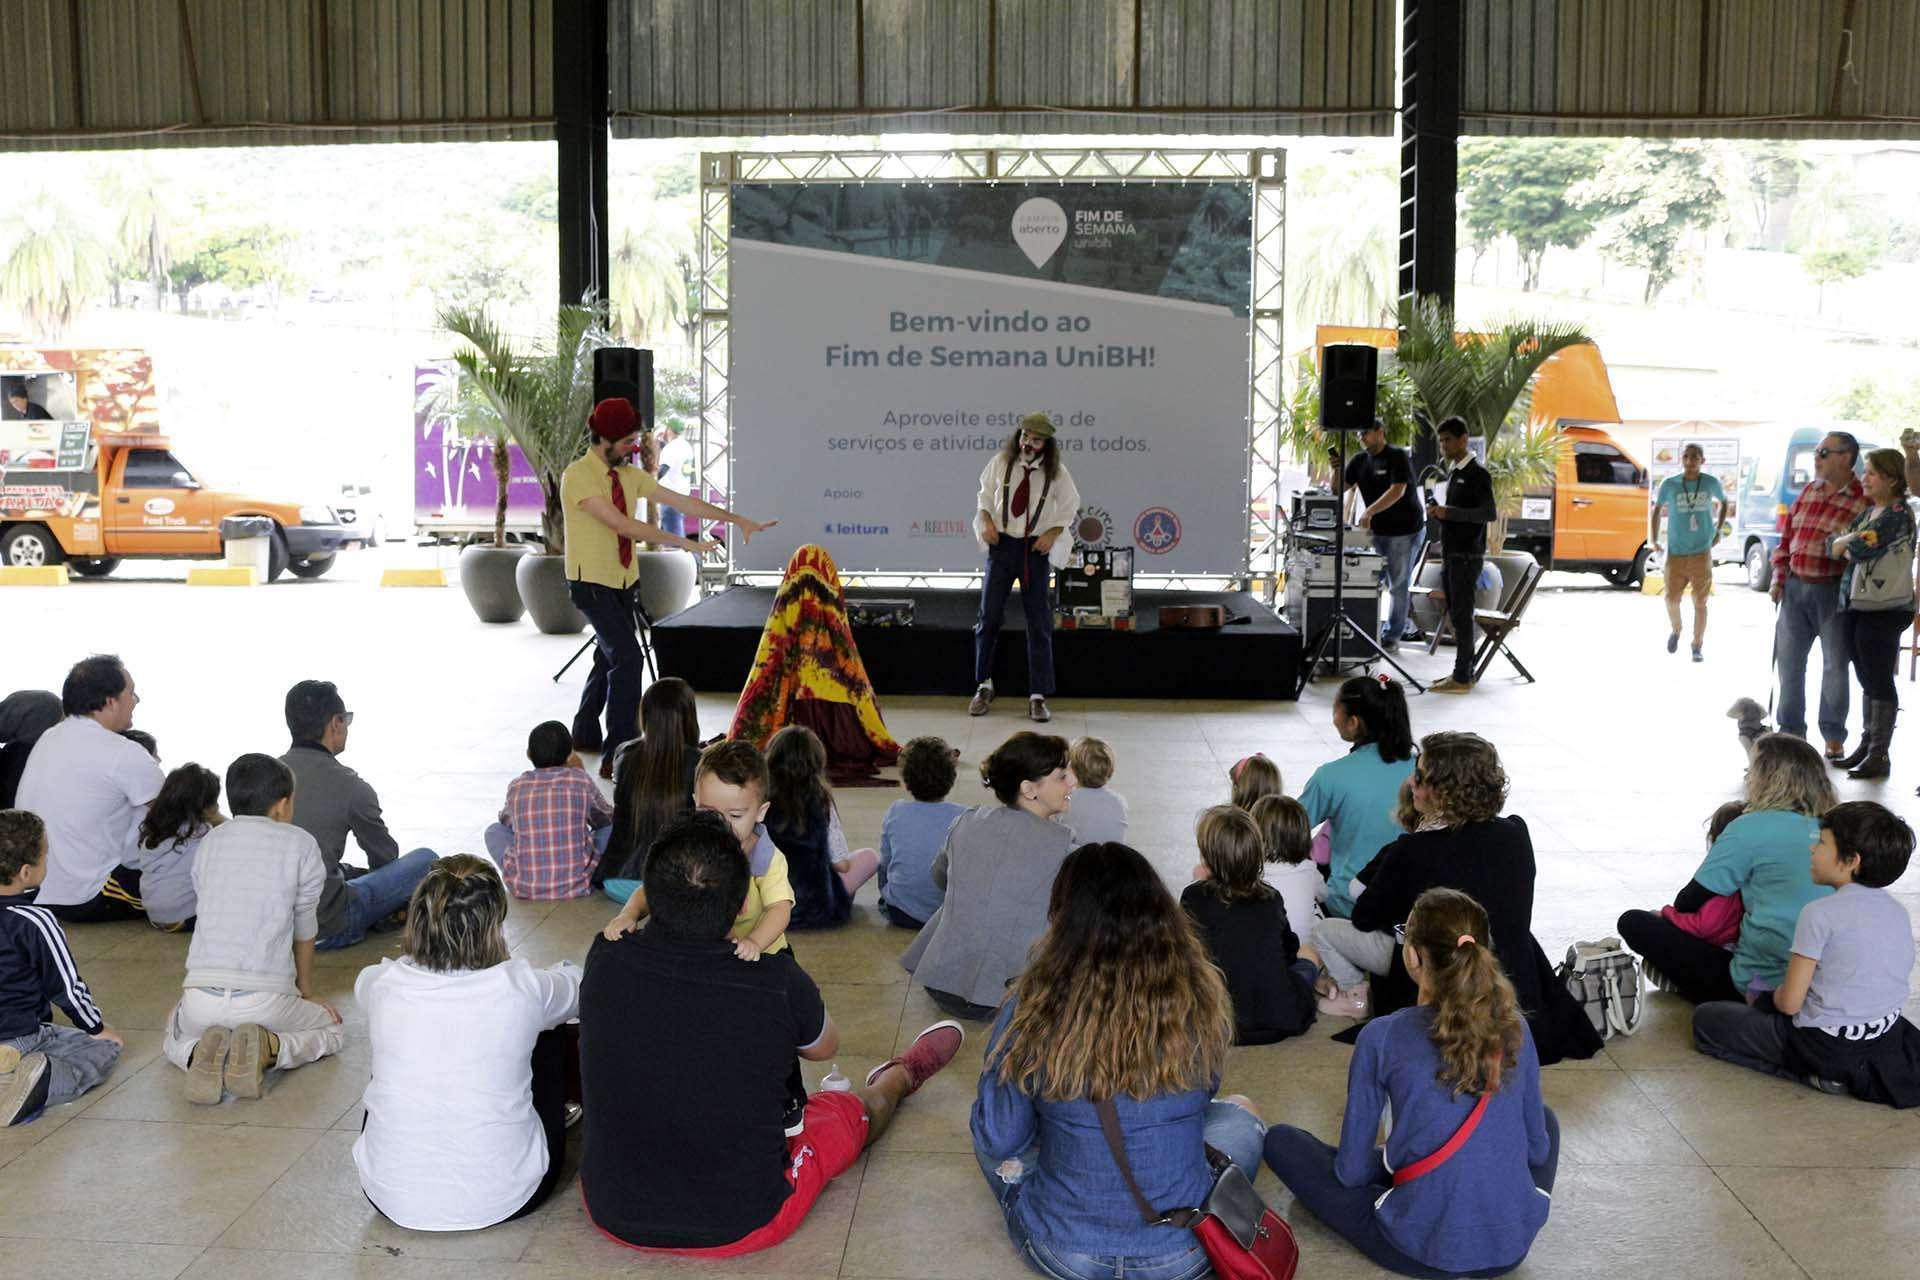 Show circense no Campus Aberto - UniBH - foto - William Araújo